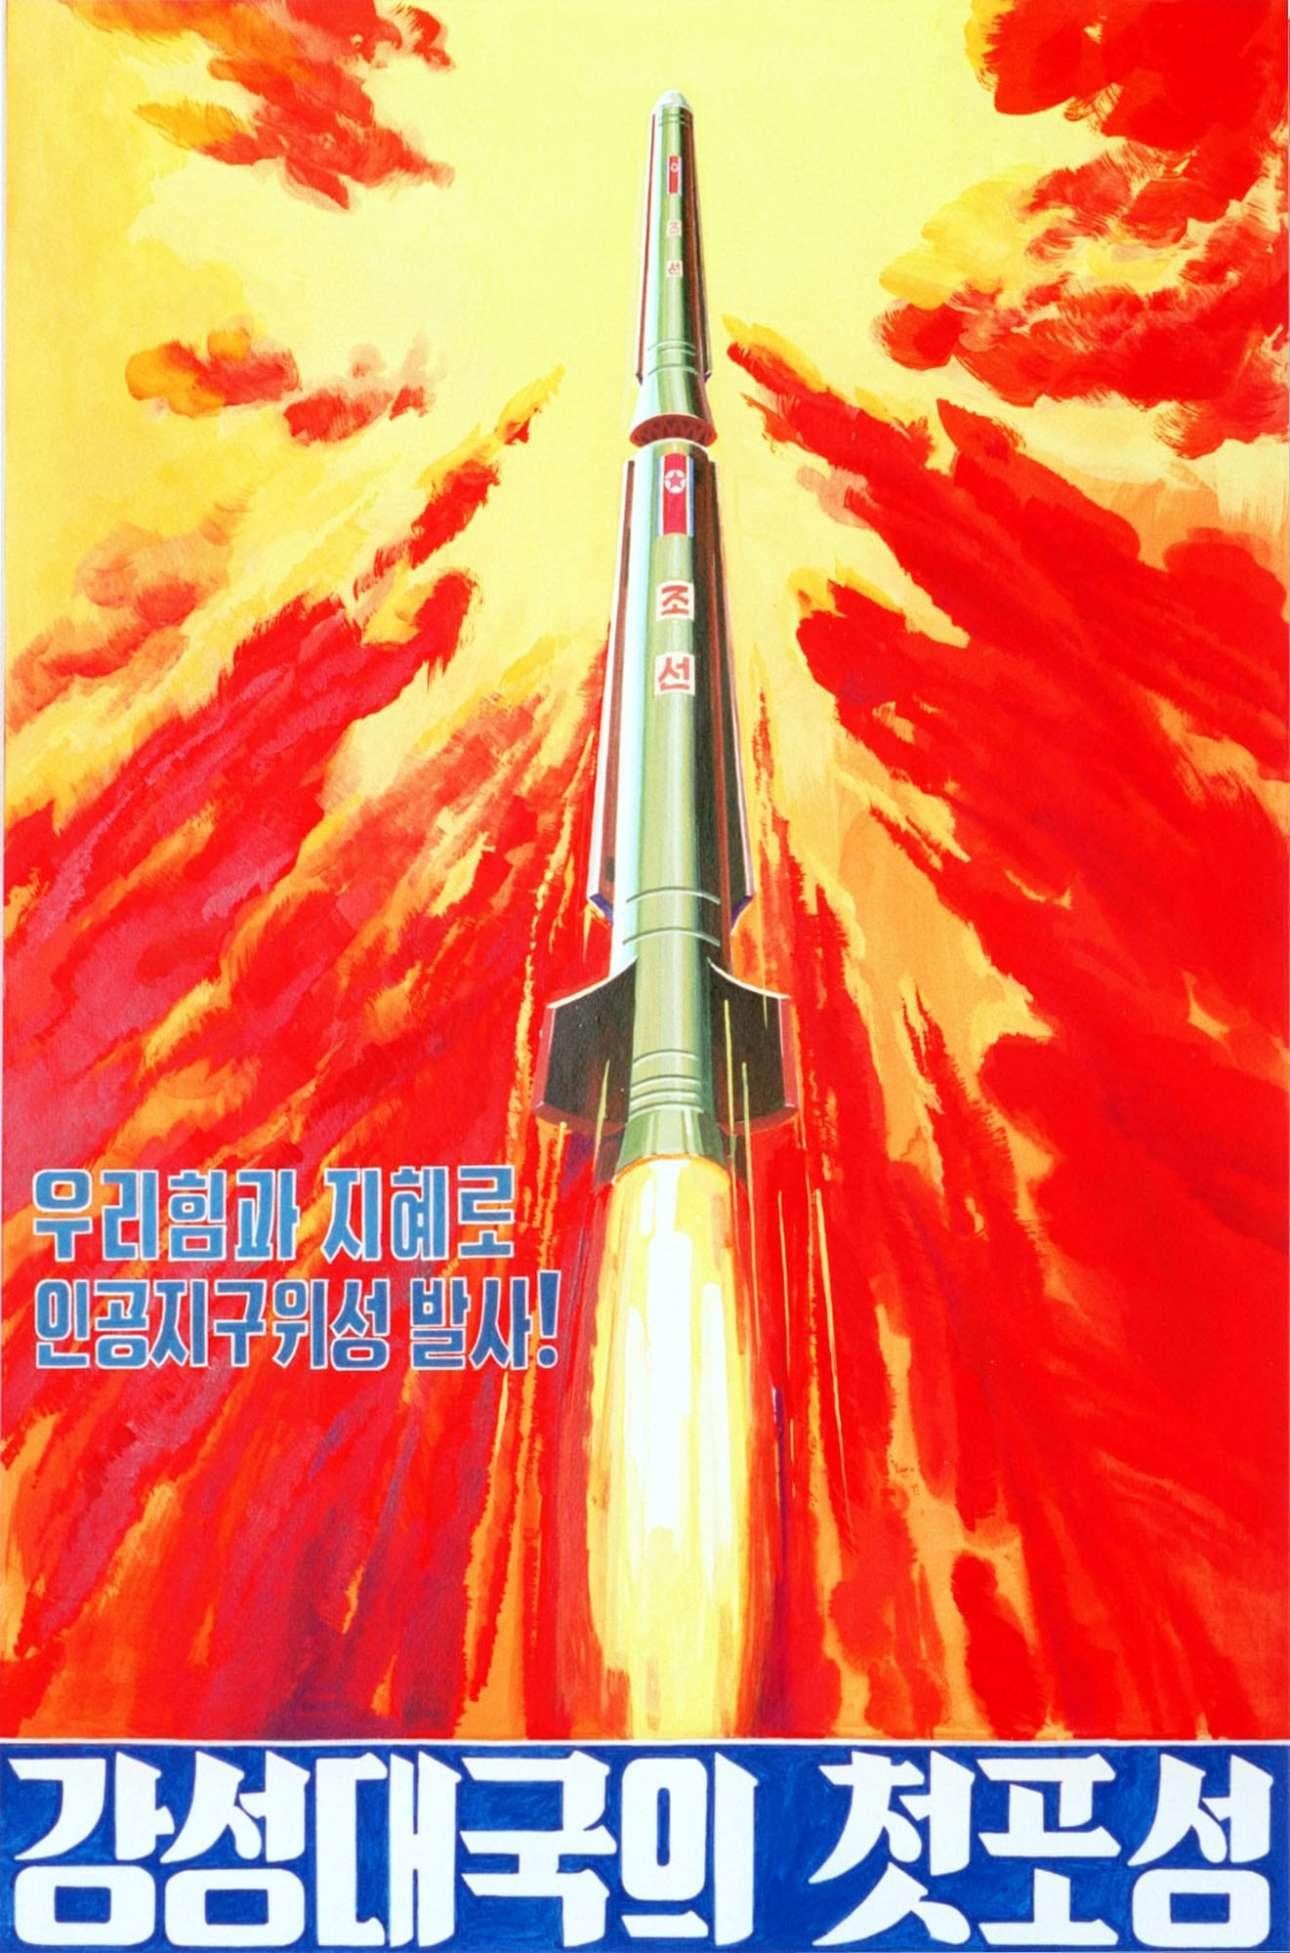 Ο διηπειρωτικός βαλλιστικός πύραυλος «Taepodong-1» της Βόρειας Κορέας εκτοξεύεται στο Διάστημα. «Ο πρώτος ήχος πυροβολισμού από την μεγάλη δύναμη» ενημερώνει η αφίσα